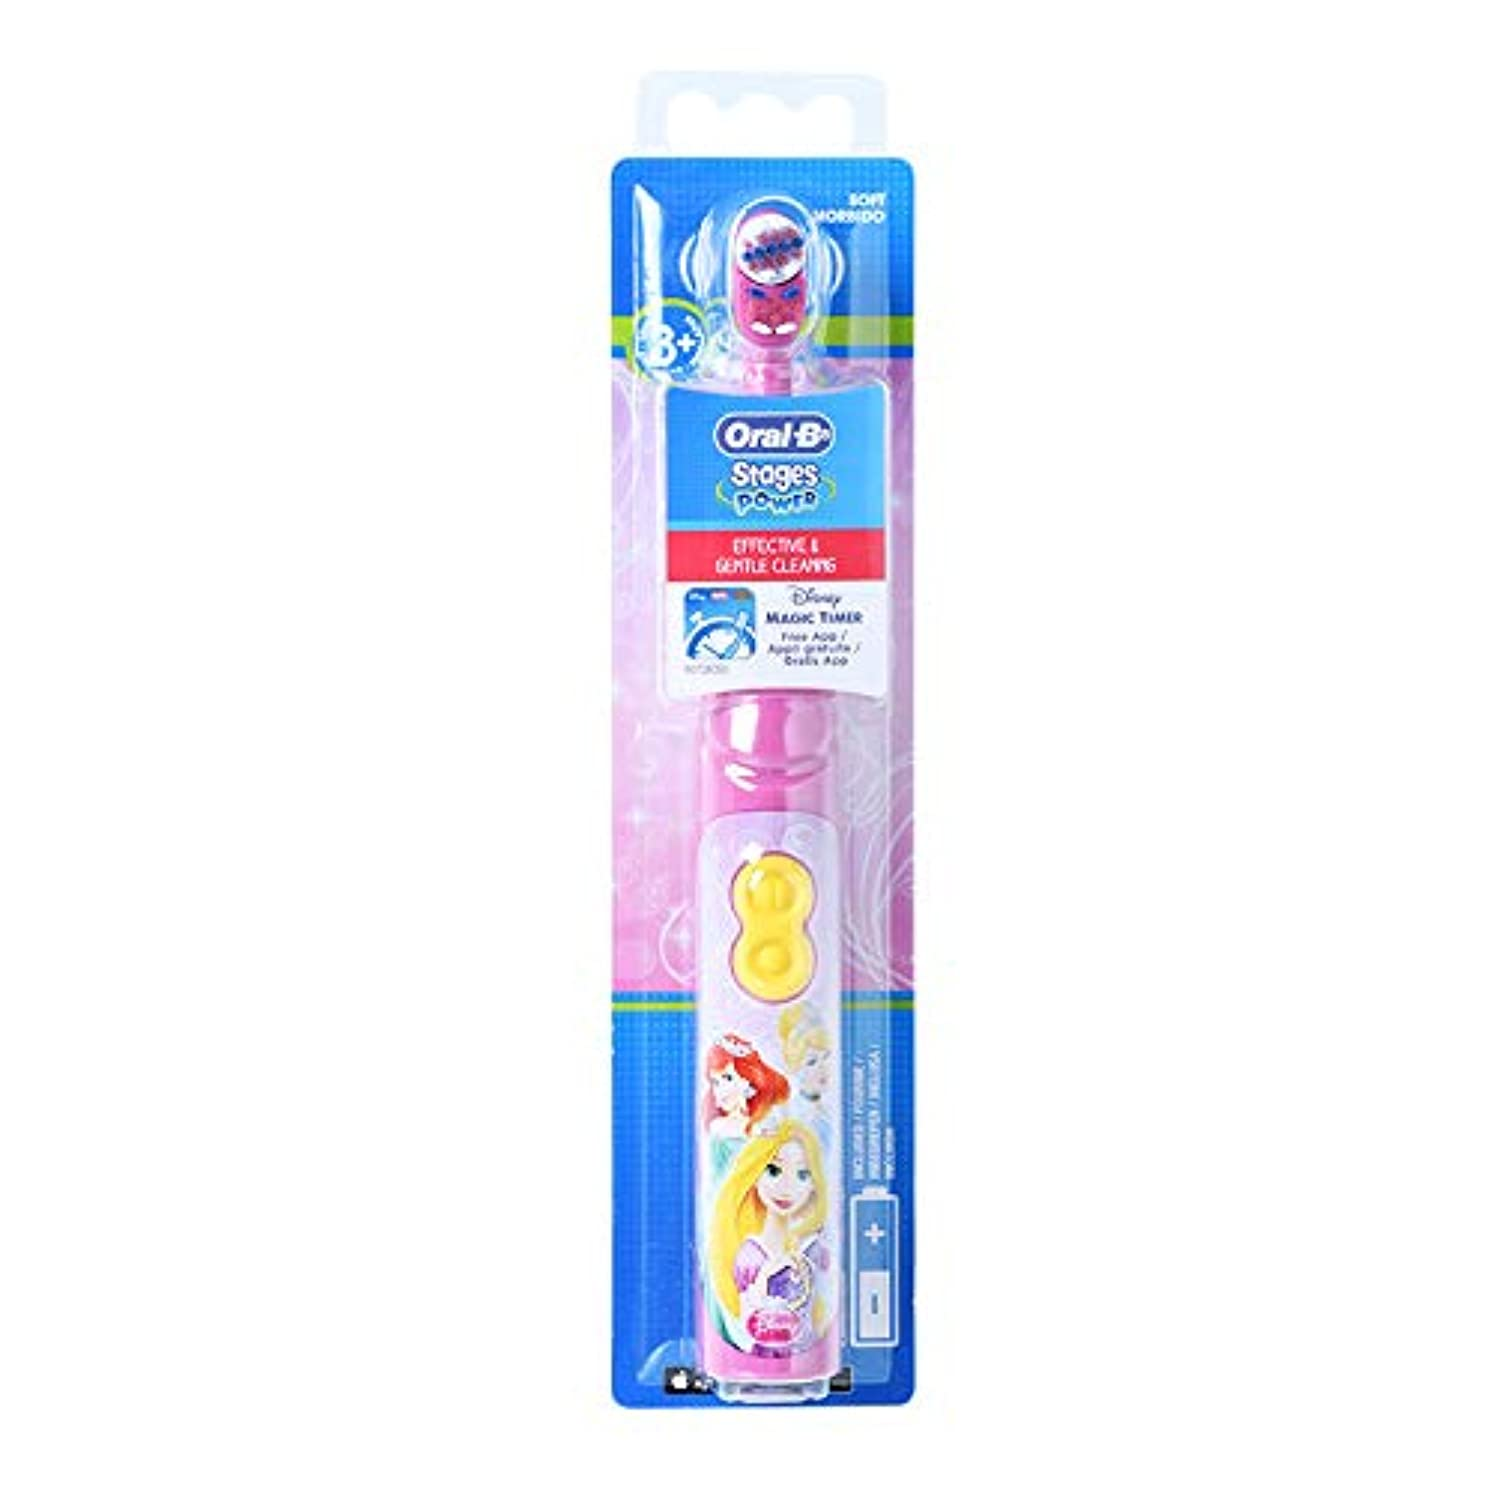 ピグマリオン触手材料Oral-B DB3010 Stages Power Disney Princess 電動歯ブラシ [並行輸入品]